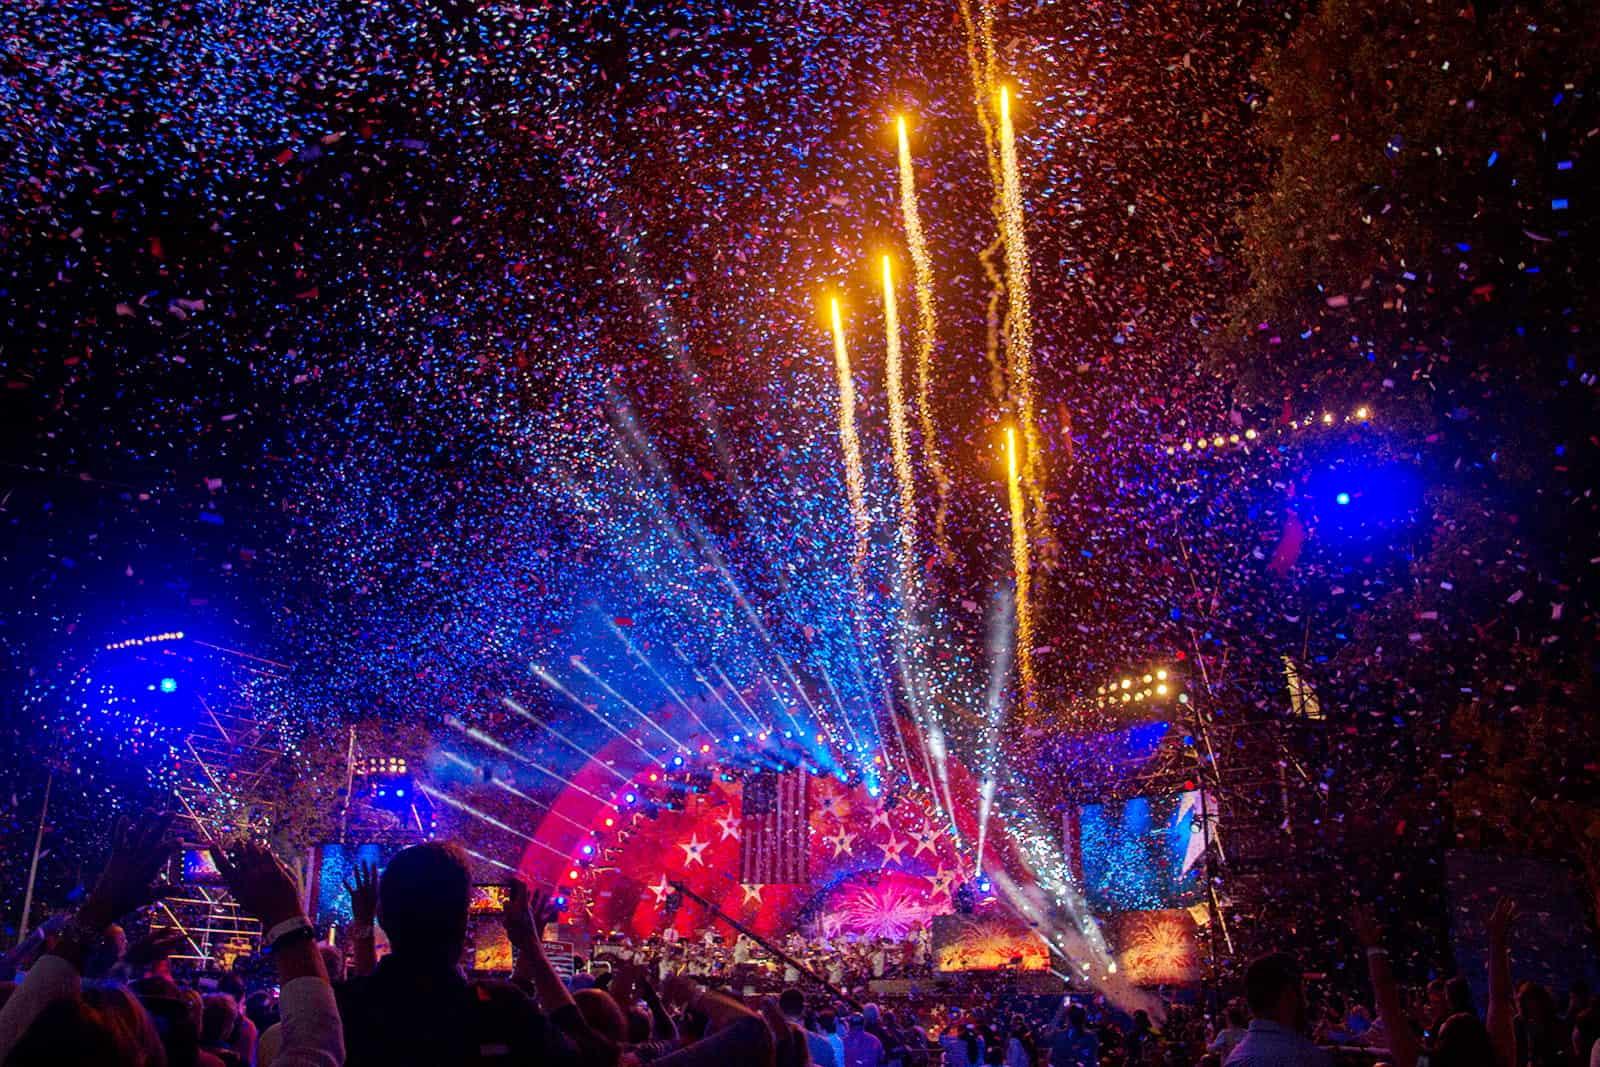 Boston Pops Fireworks & Confetti Finale